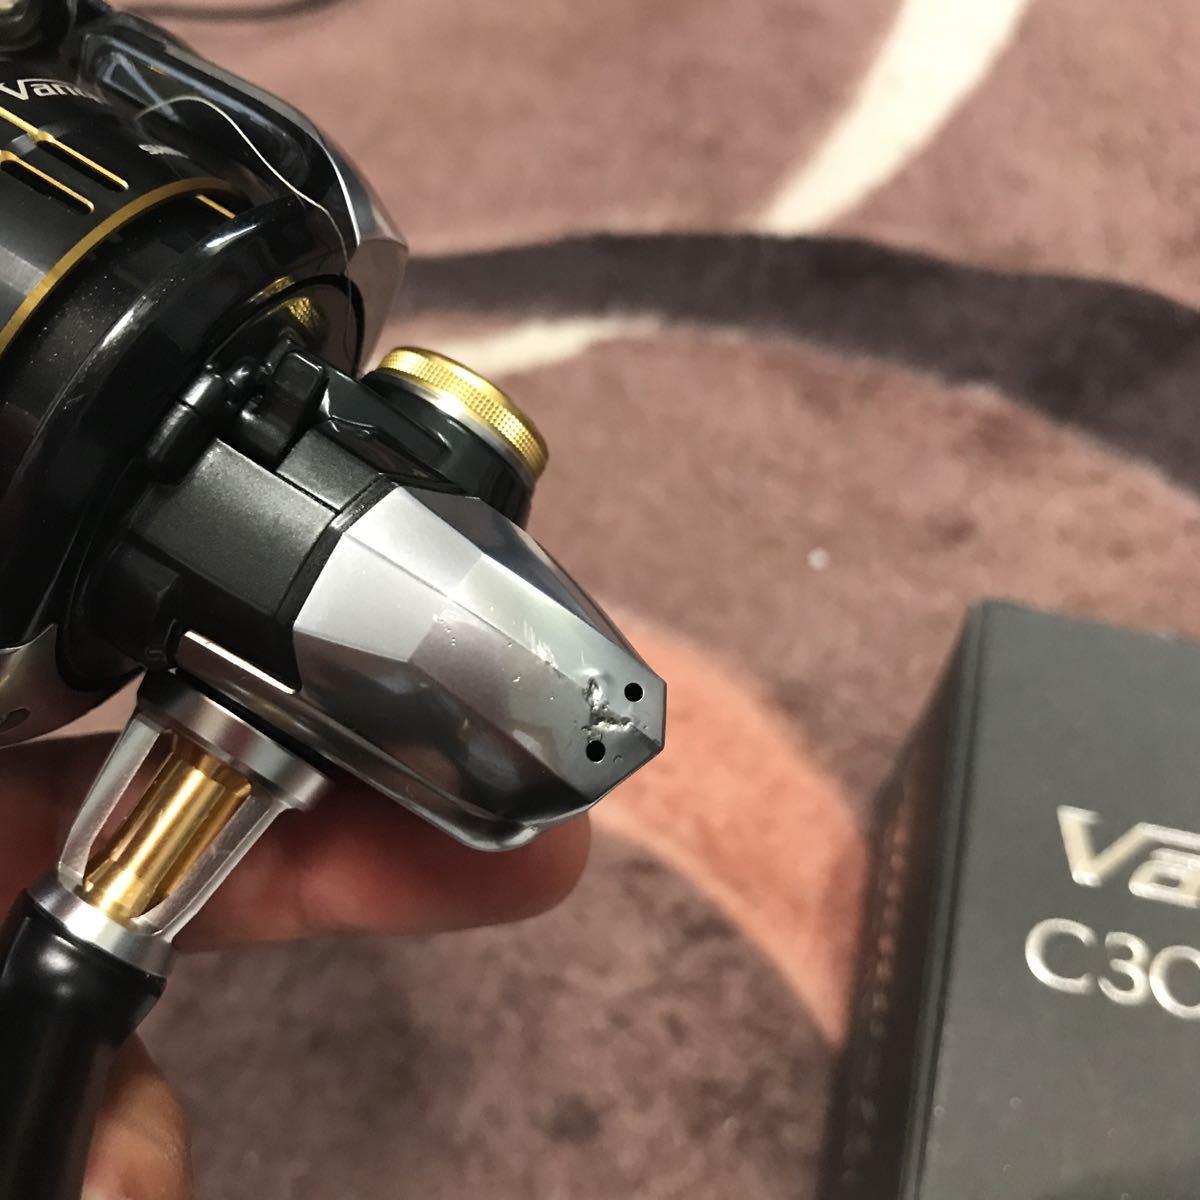 ヴァンキッシュ Vanquish リミテッドエディション c3000HGSDH ジャンク、部品取り 格安出品_画像6